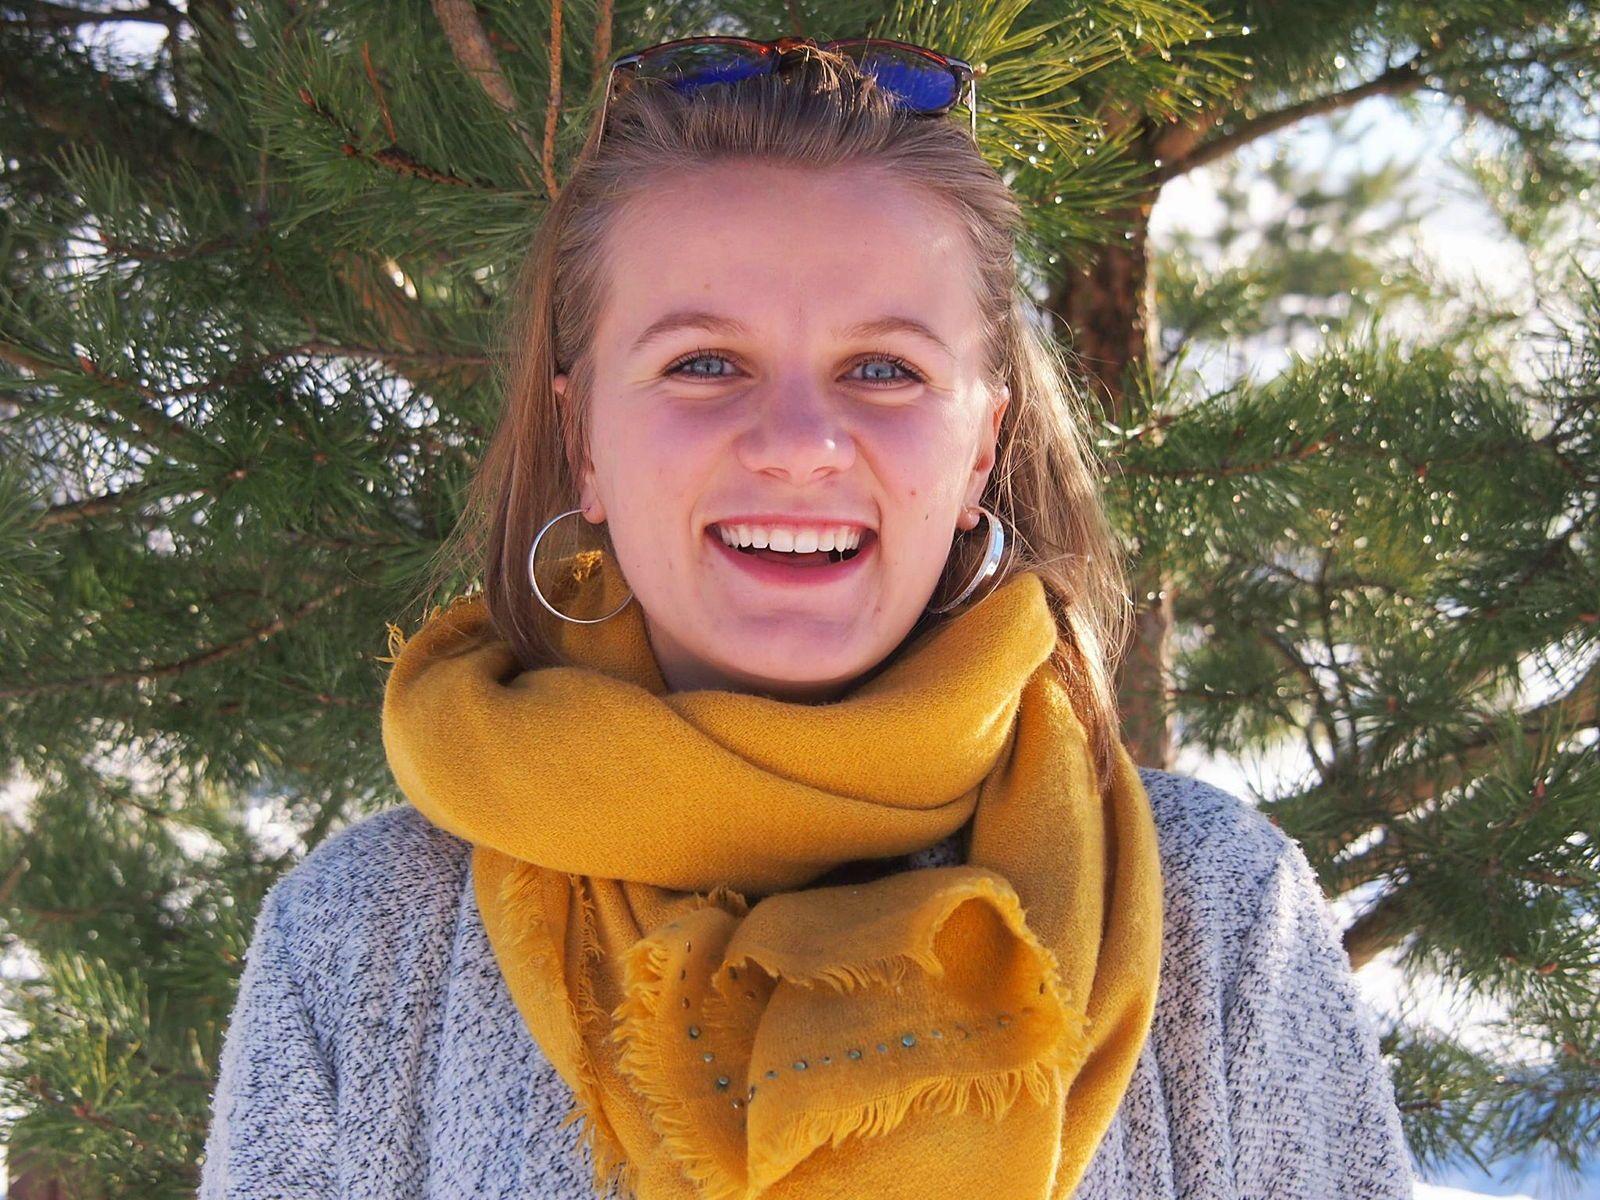 Ex-élève de prépa propose cours de maths, philo, histoire et langues